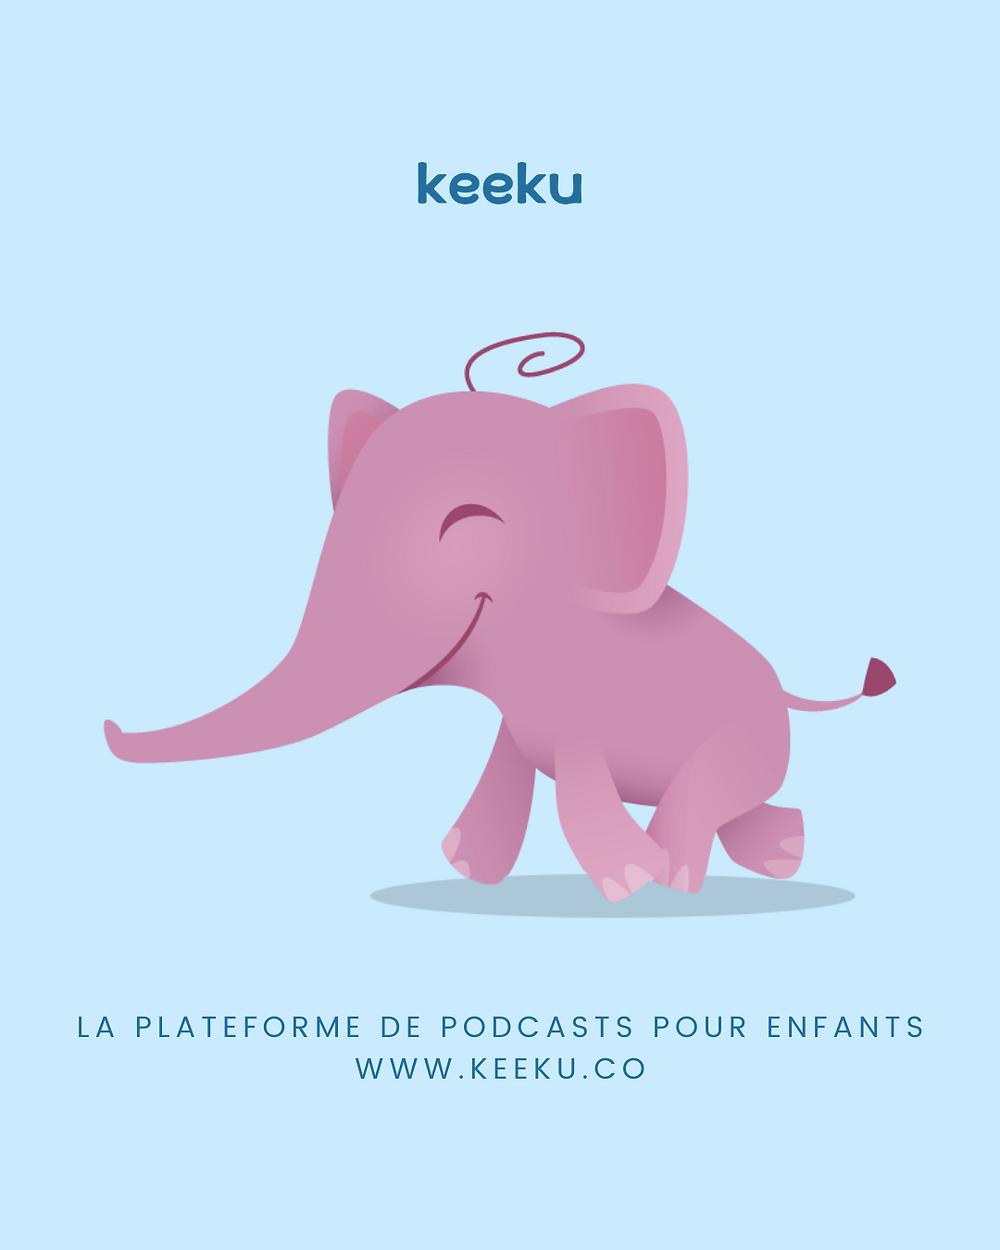 Keeku, plateforme de podcasts pour enfants, éléphant rose content